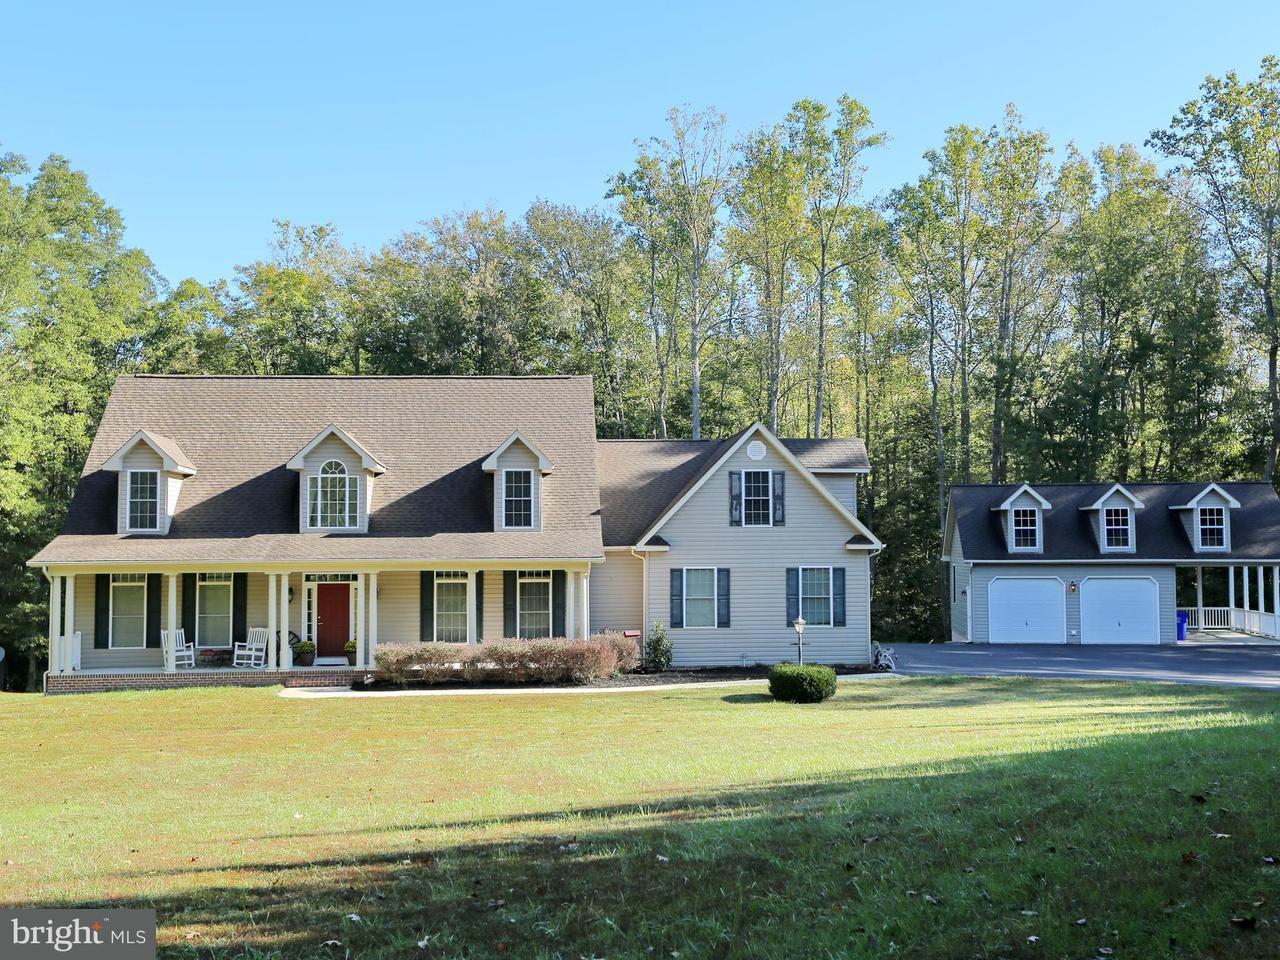 Частный односемейный дом для того Продажа на 14912 DURHAM RANGER Place 14912 DURHAM RANGER Place Hughesville, Мэриленд 20637 Соединенные Штаты